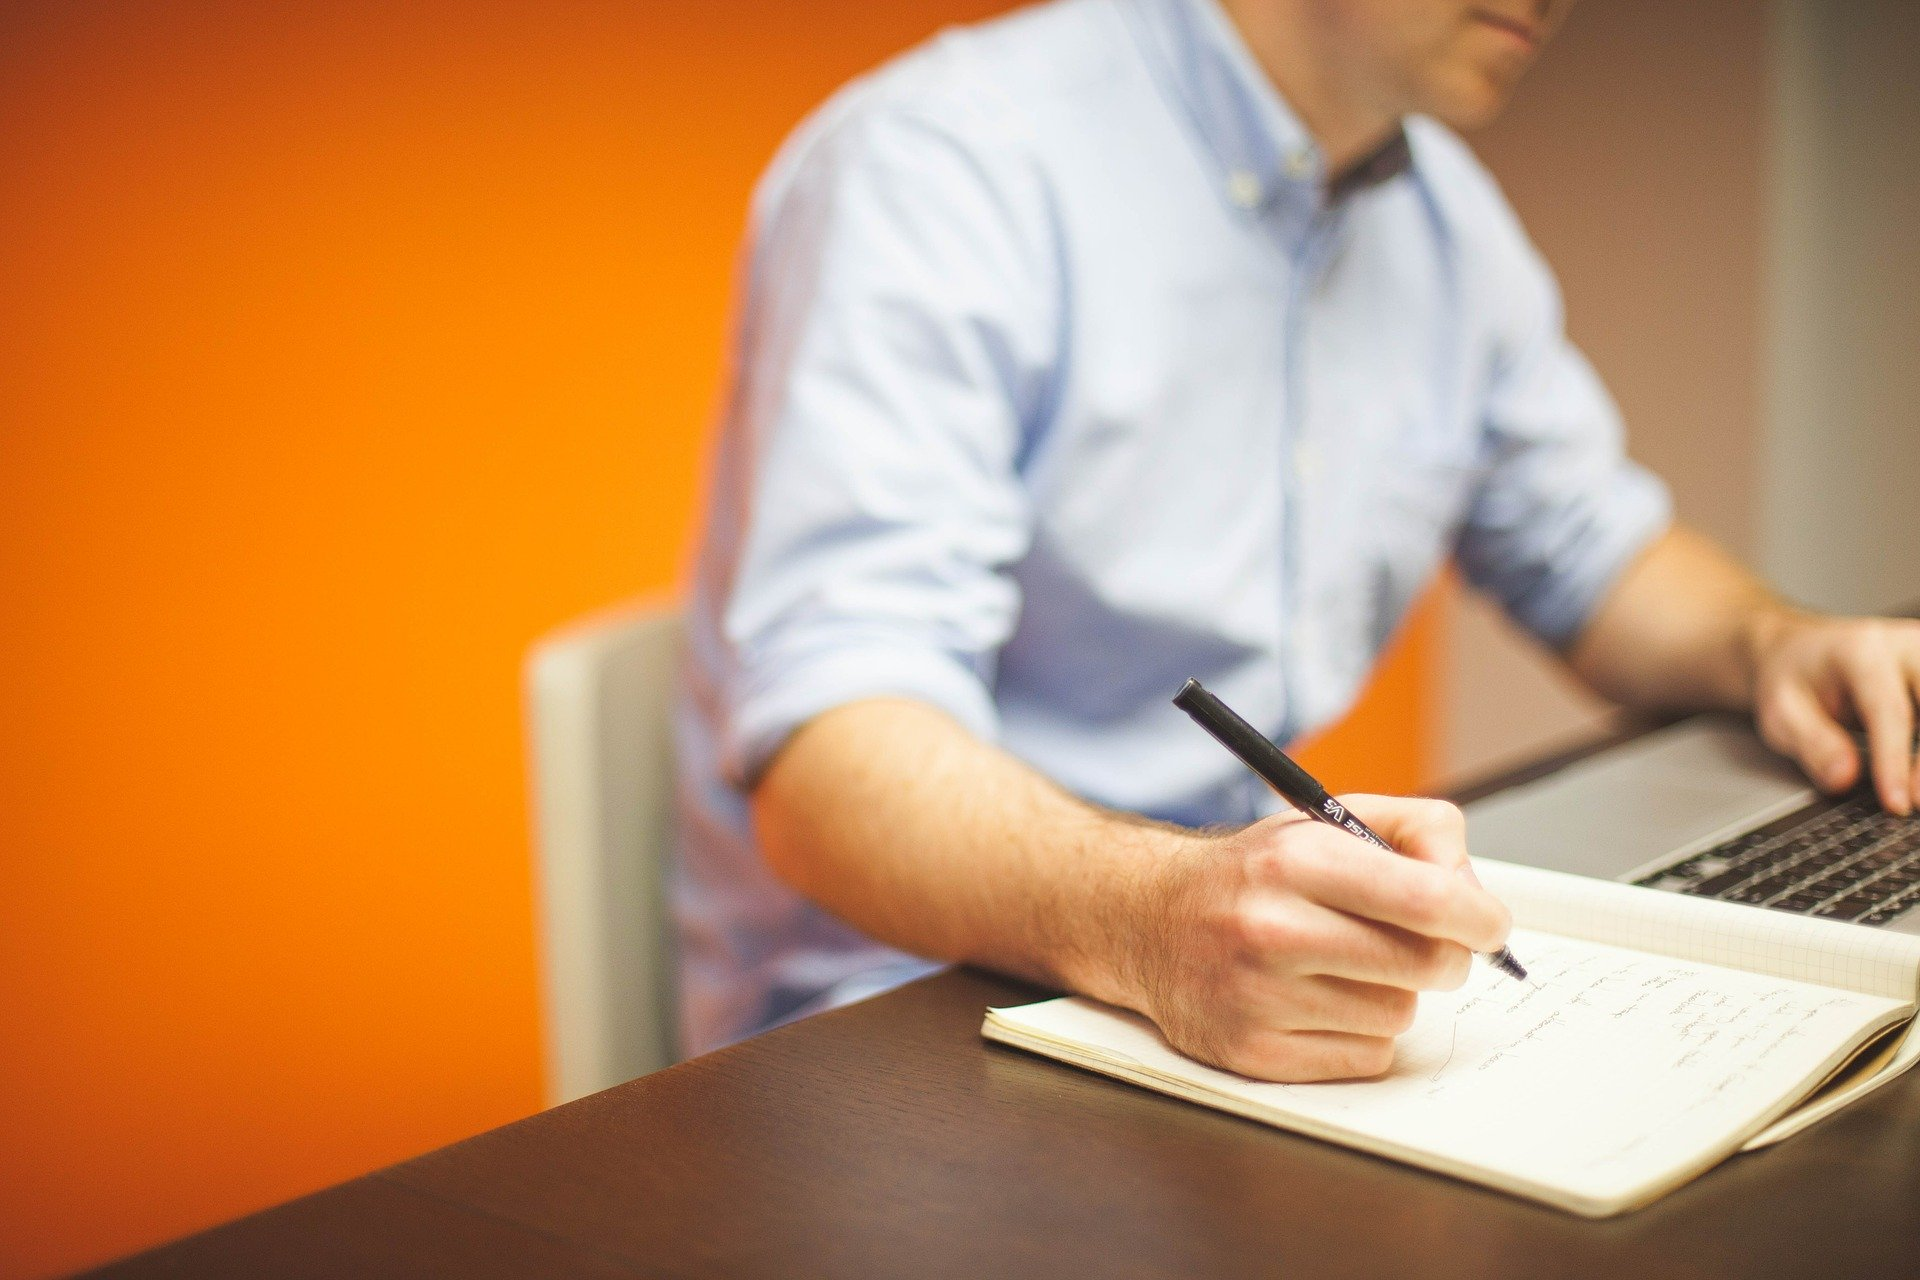 Réaliser un audit fournisseur